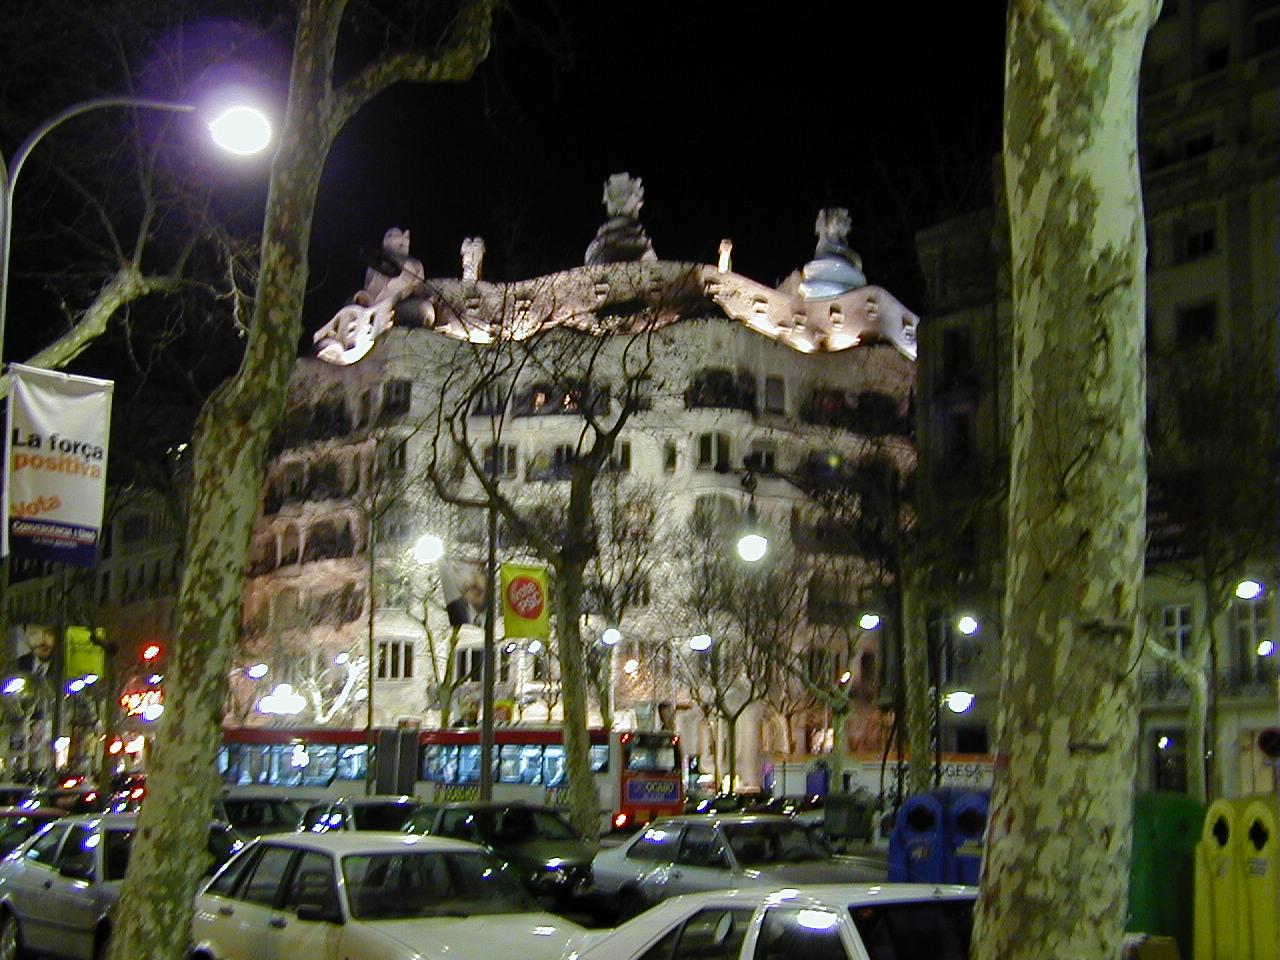 スペイン旅行記 Barselona ガウディ建築 夜